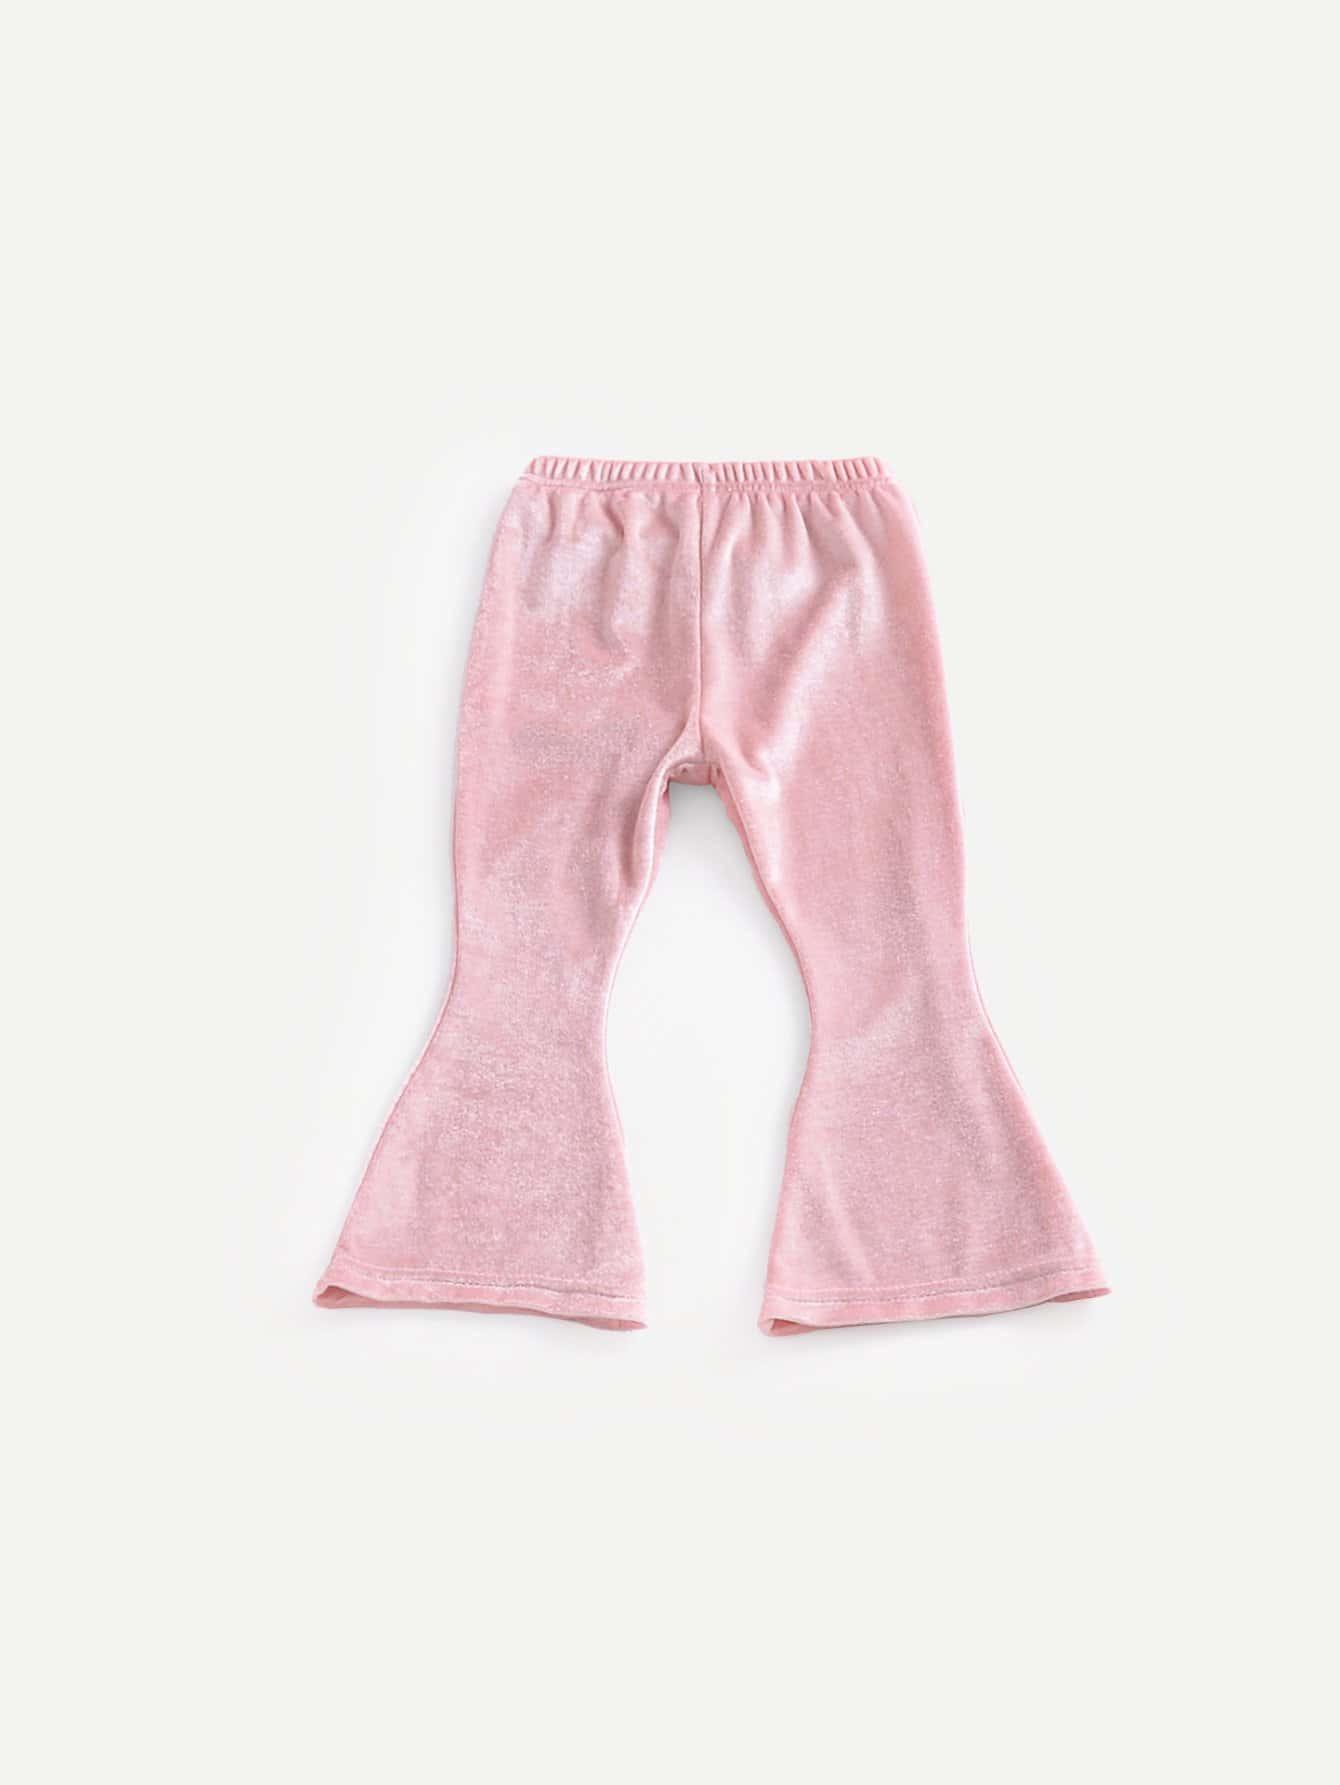 Купить Девочки Клеш Сплошной Брюки от Romwe розового цвета